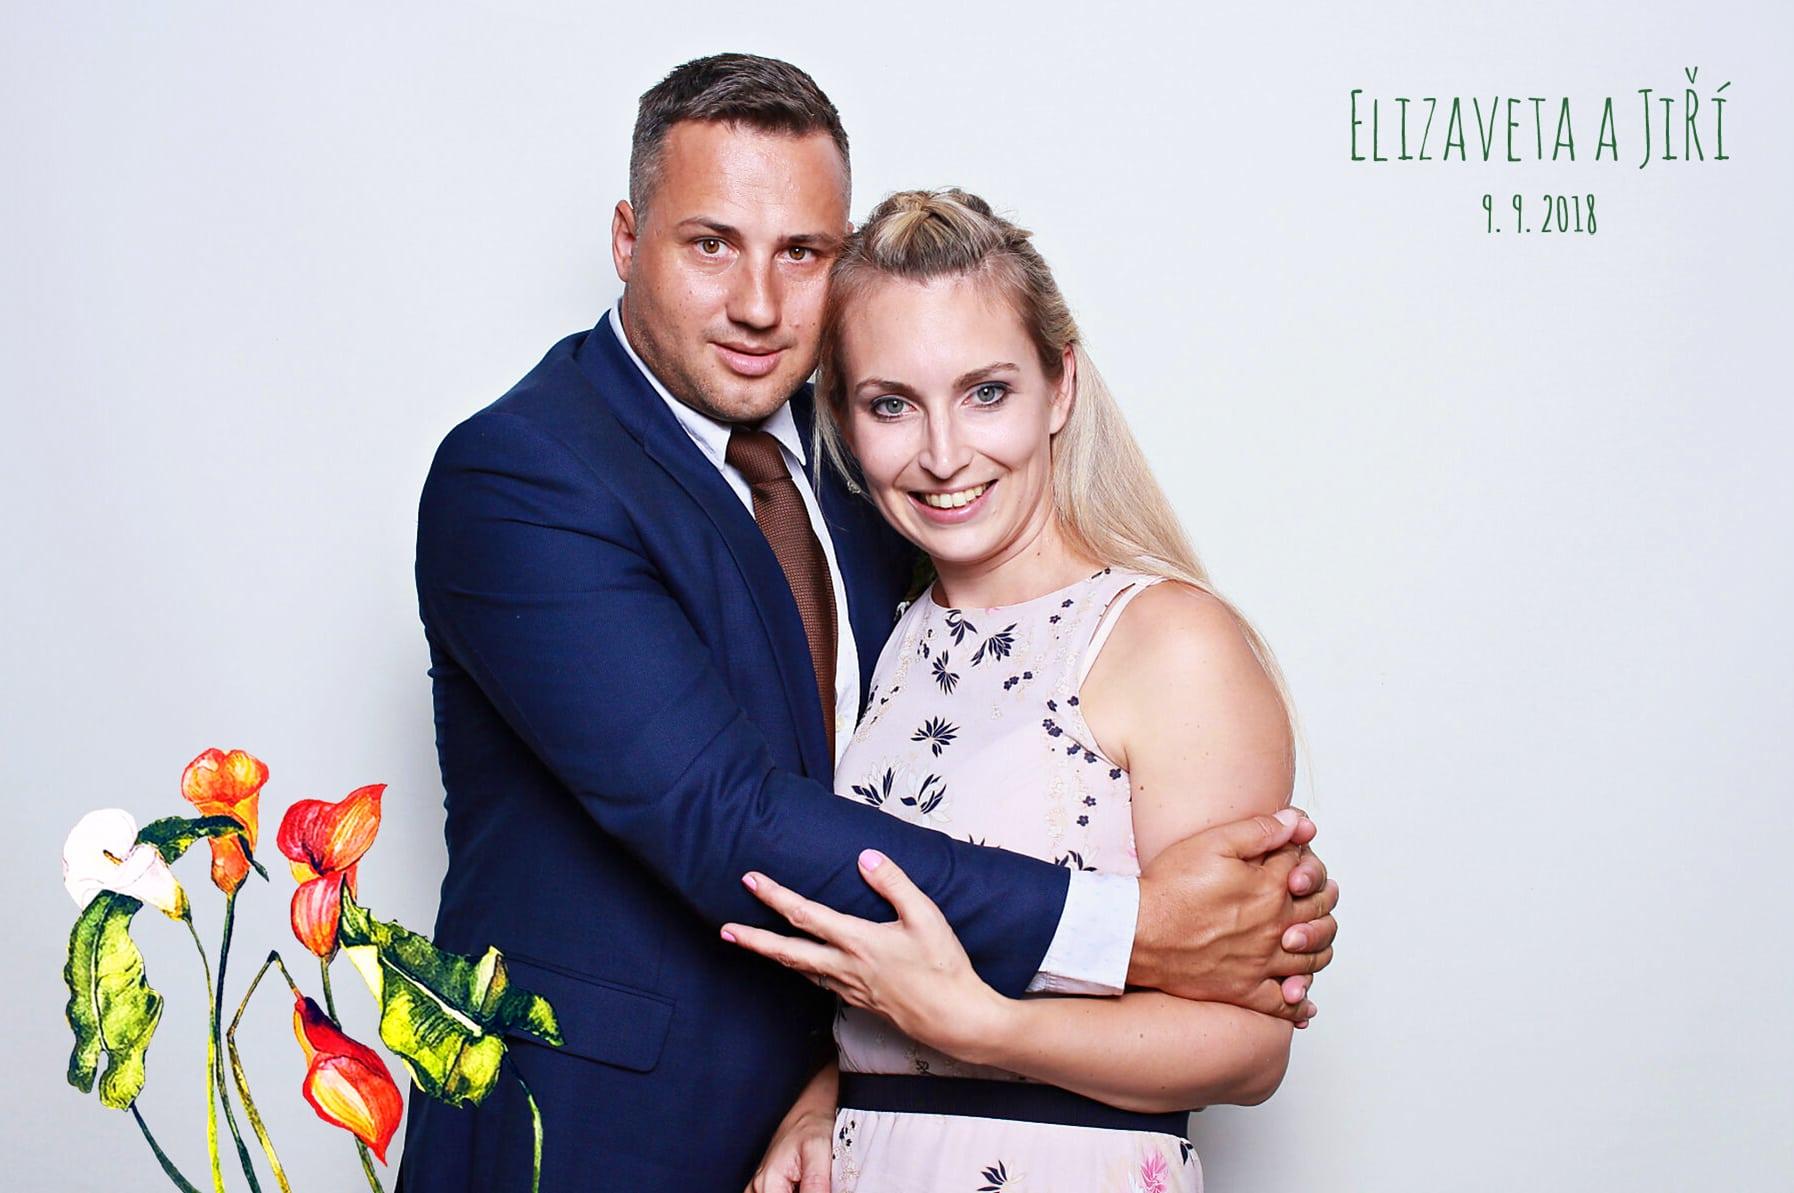 fotokoutek-elizaveta-a-jiri-9-9-2018-481959